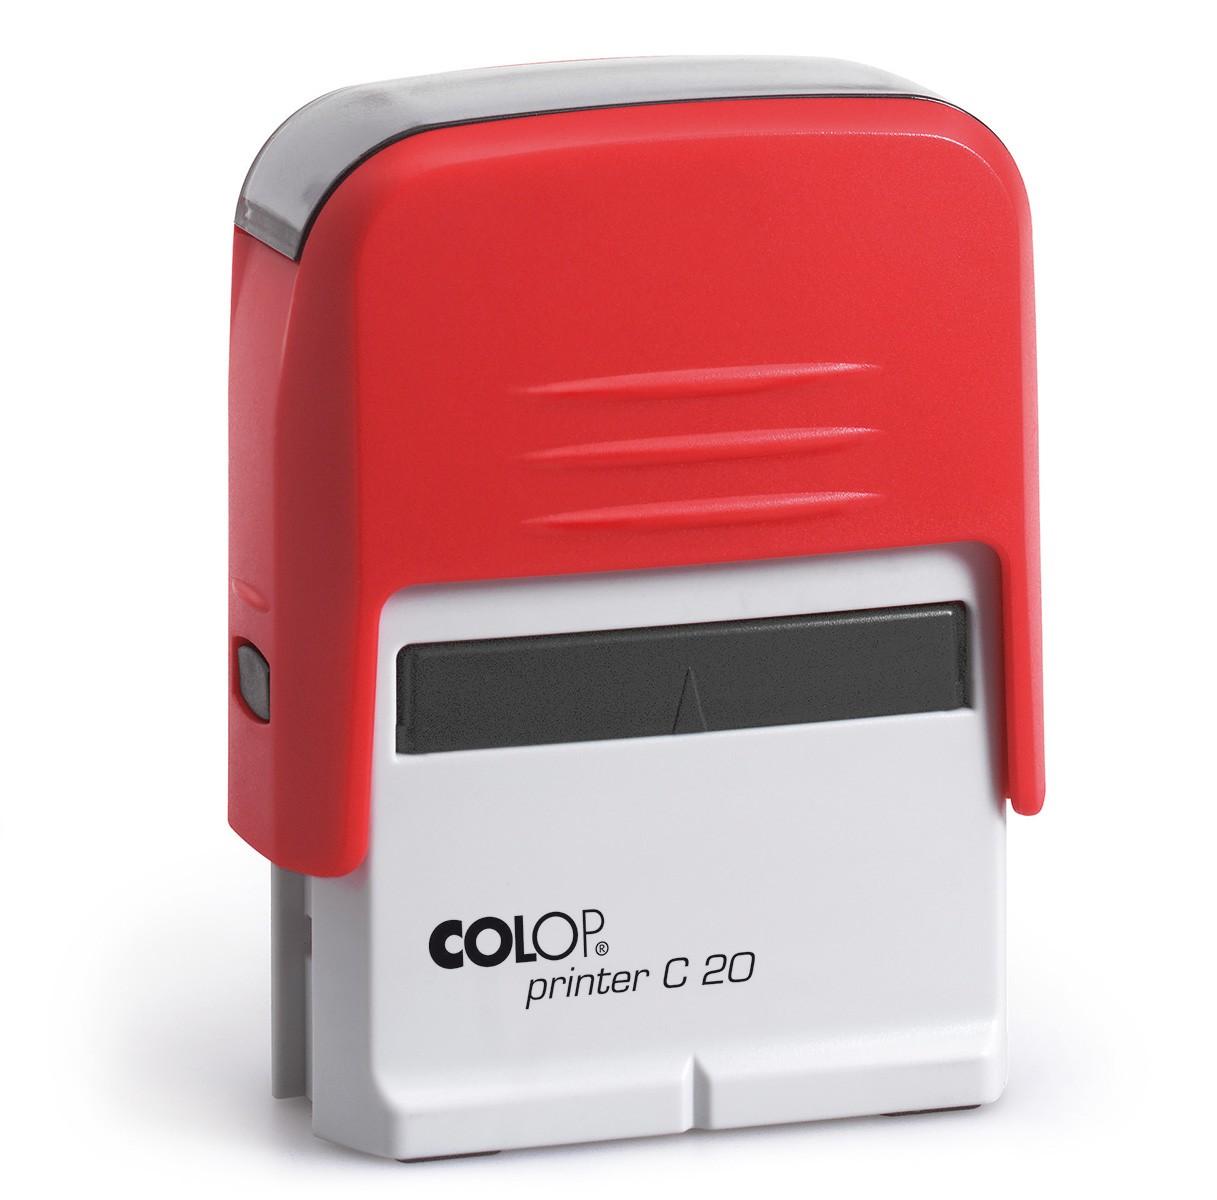 Colop C 20